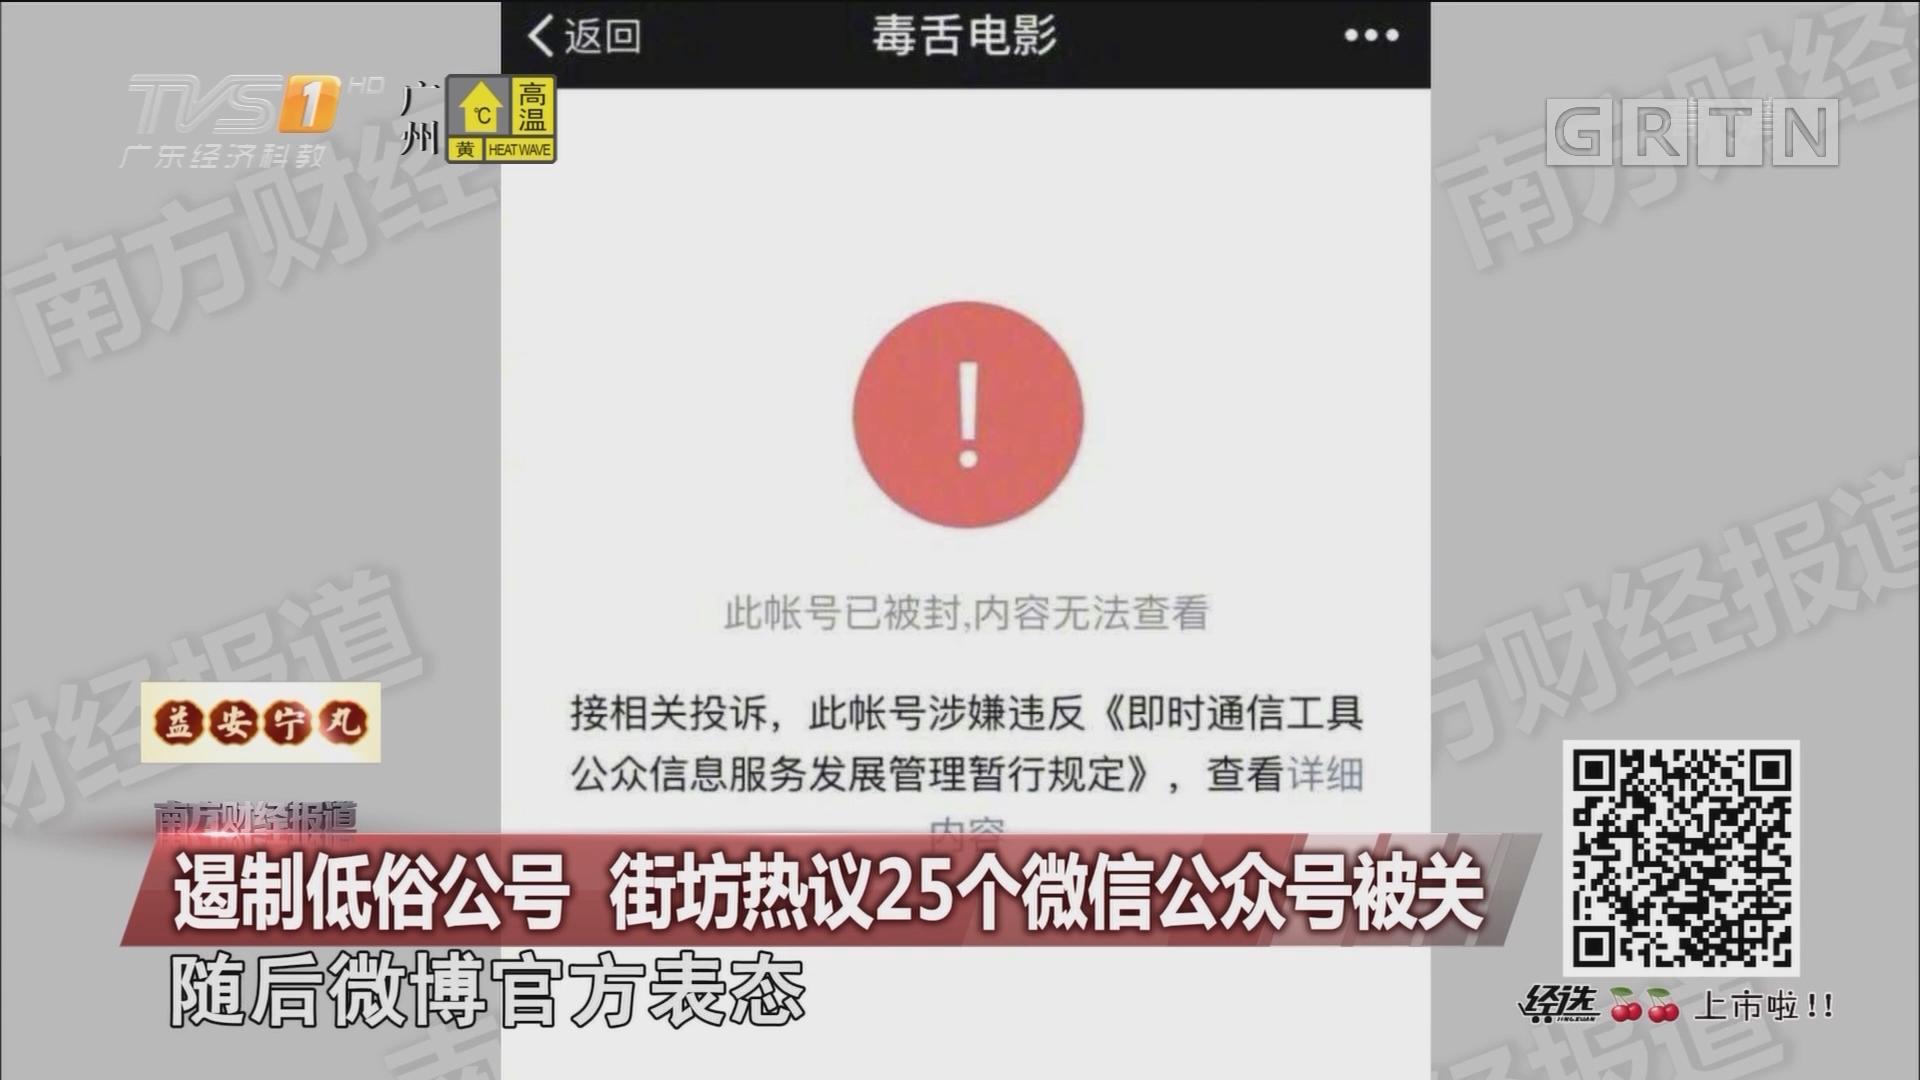 遏制低俗公号 街坊热议25个微信公众号被关